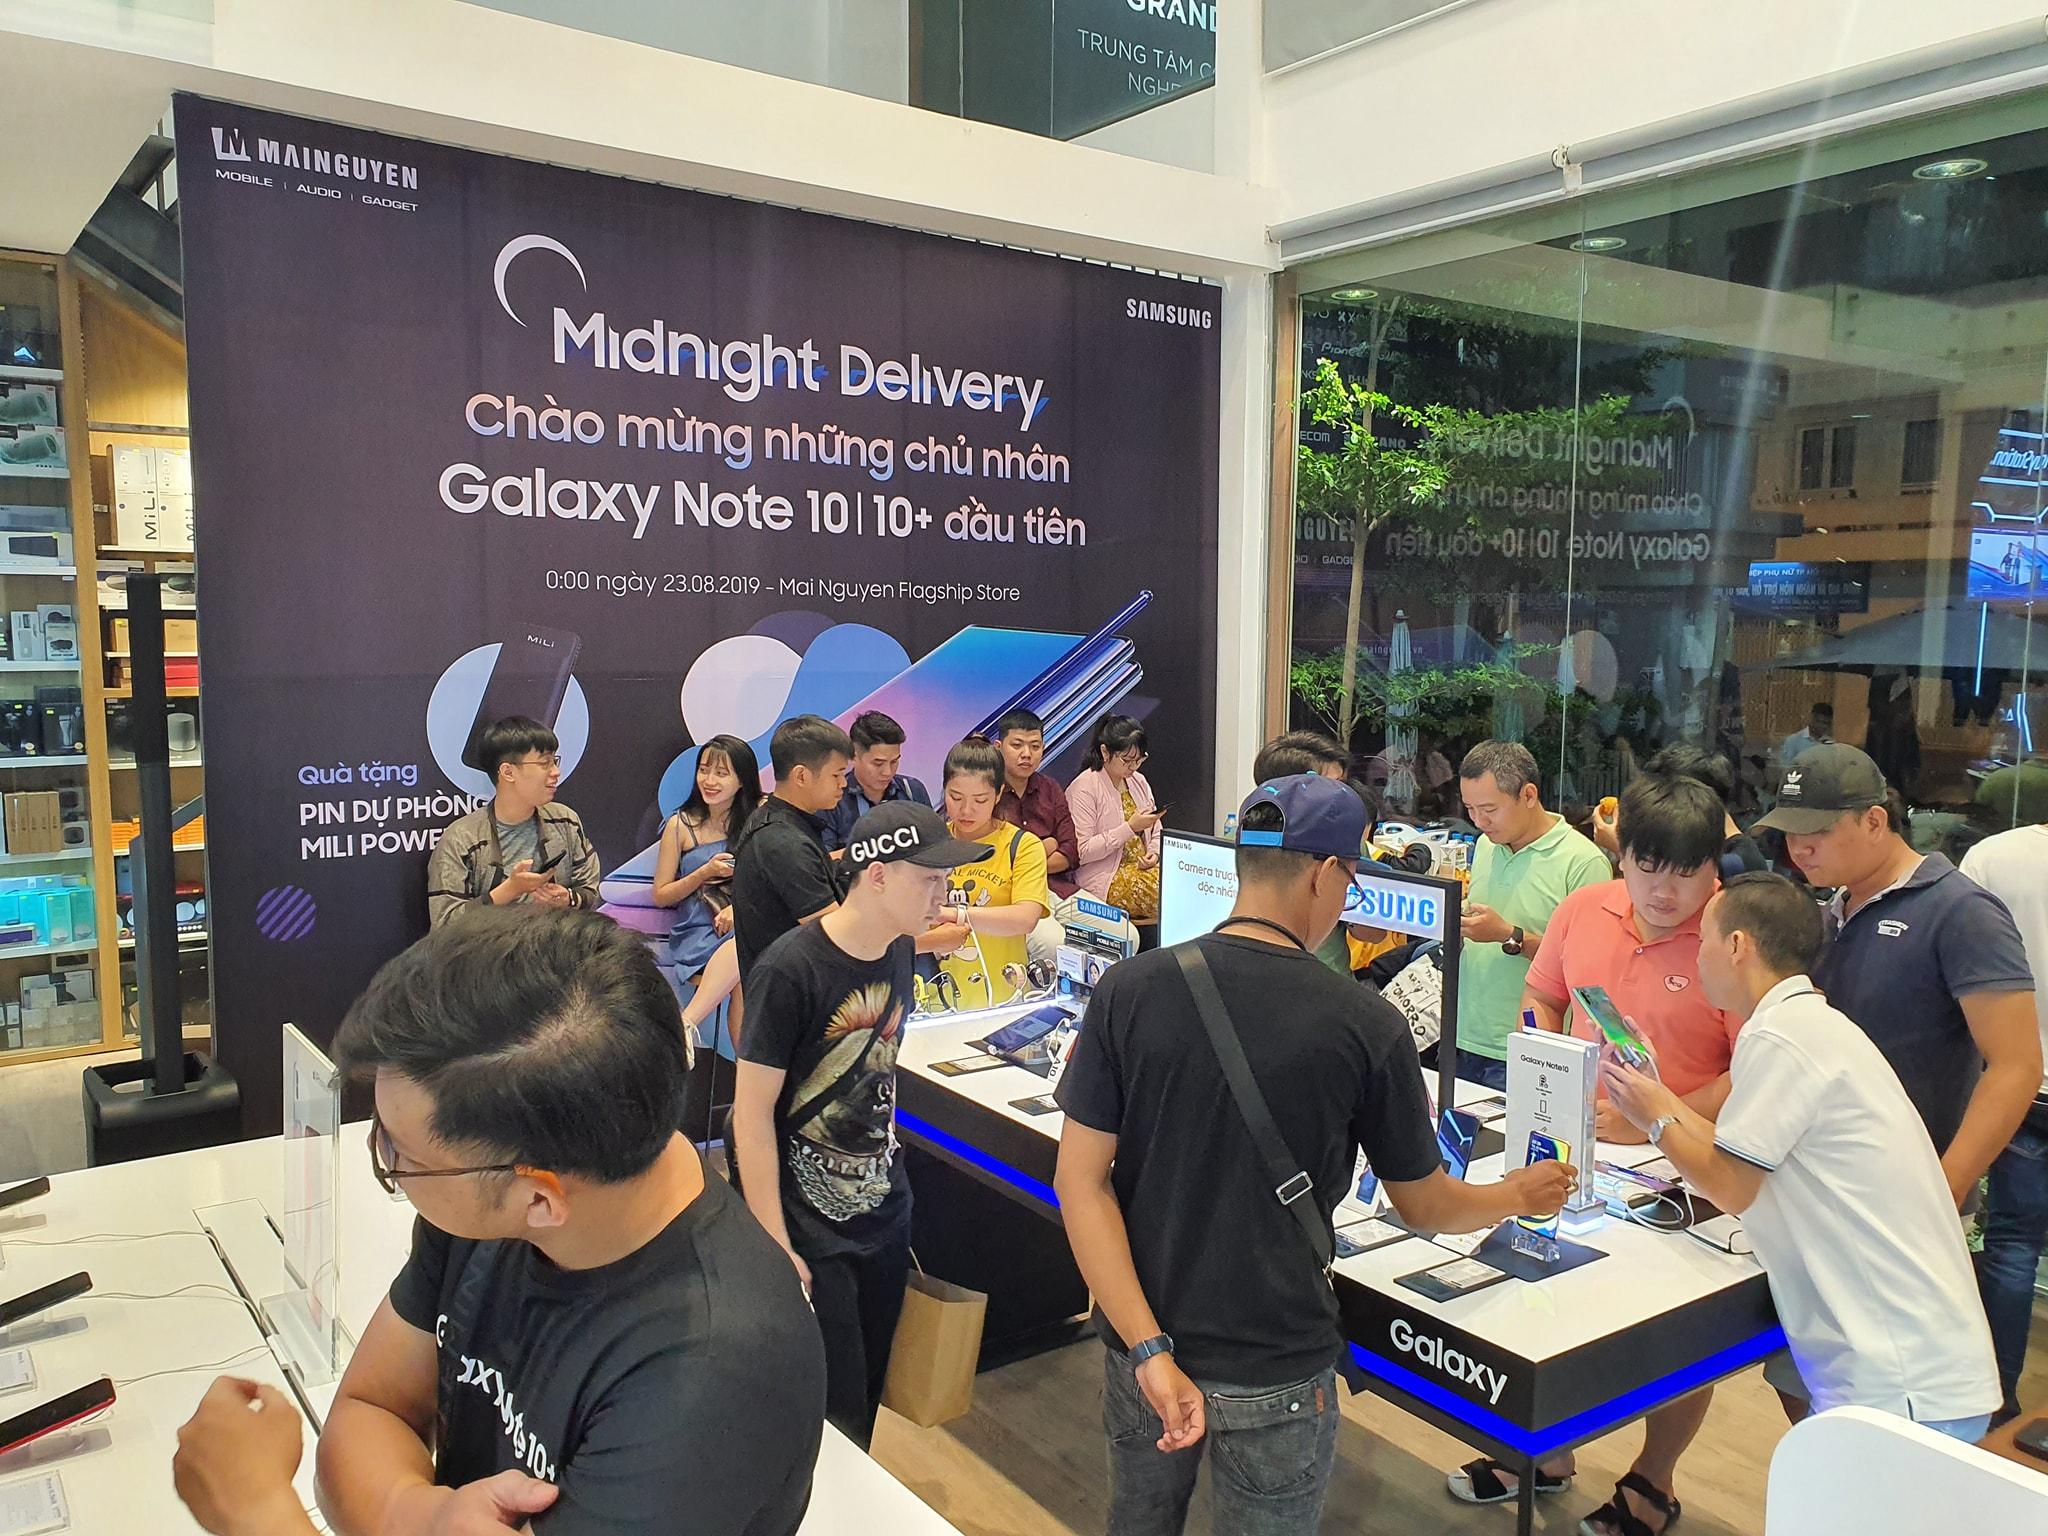 Hôm nay, Galaxy Note 10 và Note 10+ bắt đầu bán ra tại Việt Nam, phần lớn người dùng chọn Note 10+ dù giá cao hơn